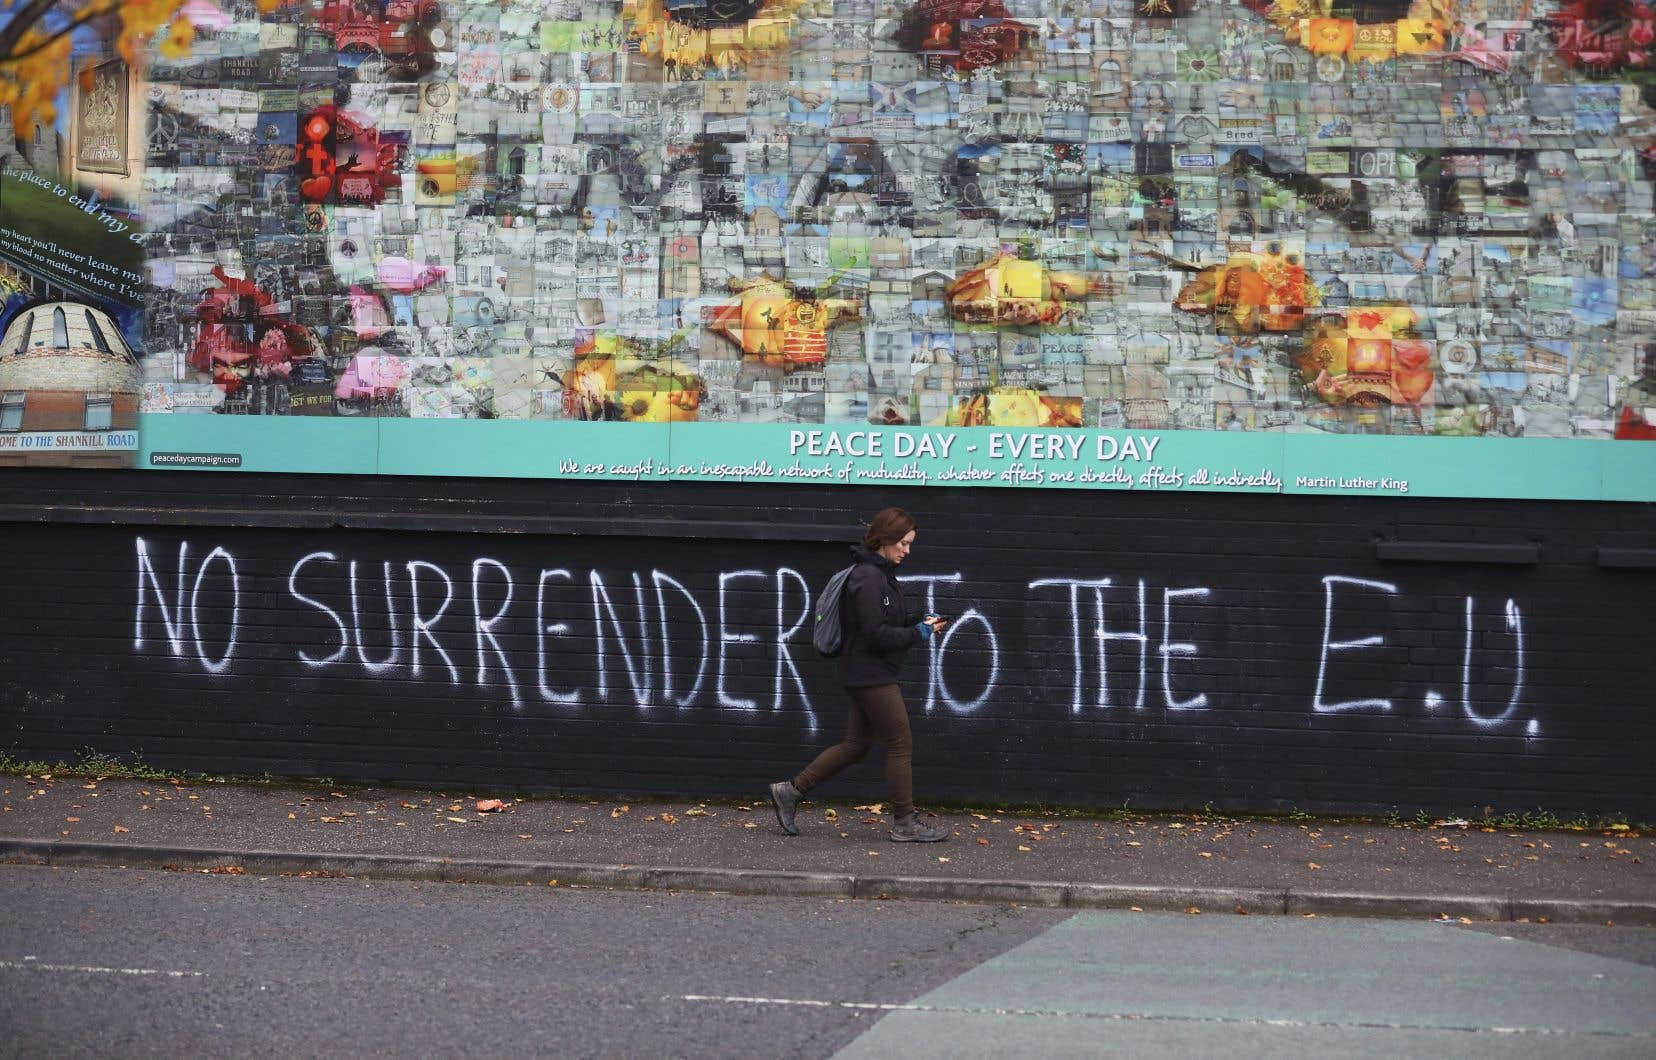 Un graffiti pro-Brexit tapisse un mur séparant la zone protestante de la zone catholique de Belfast.